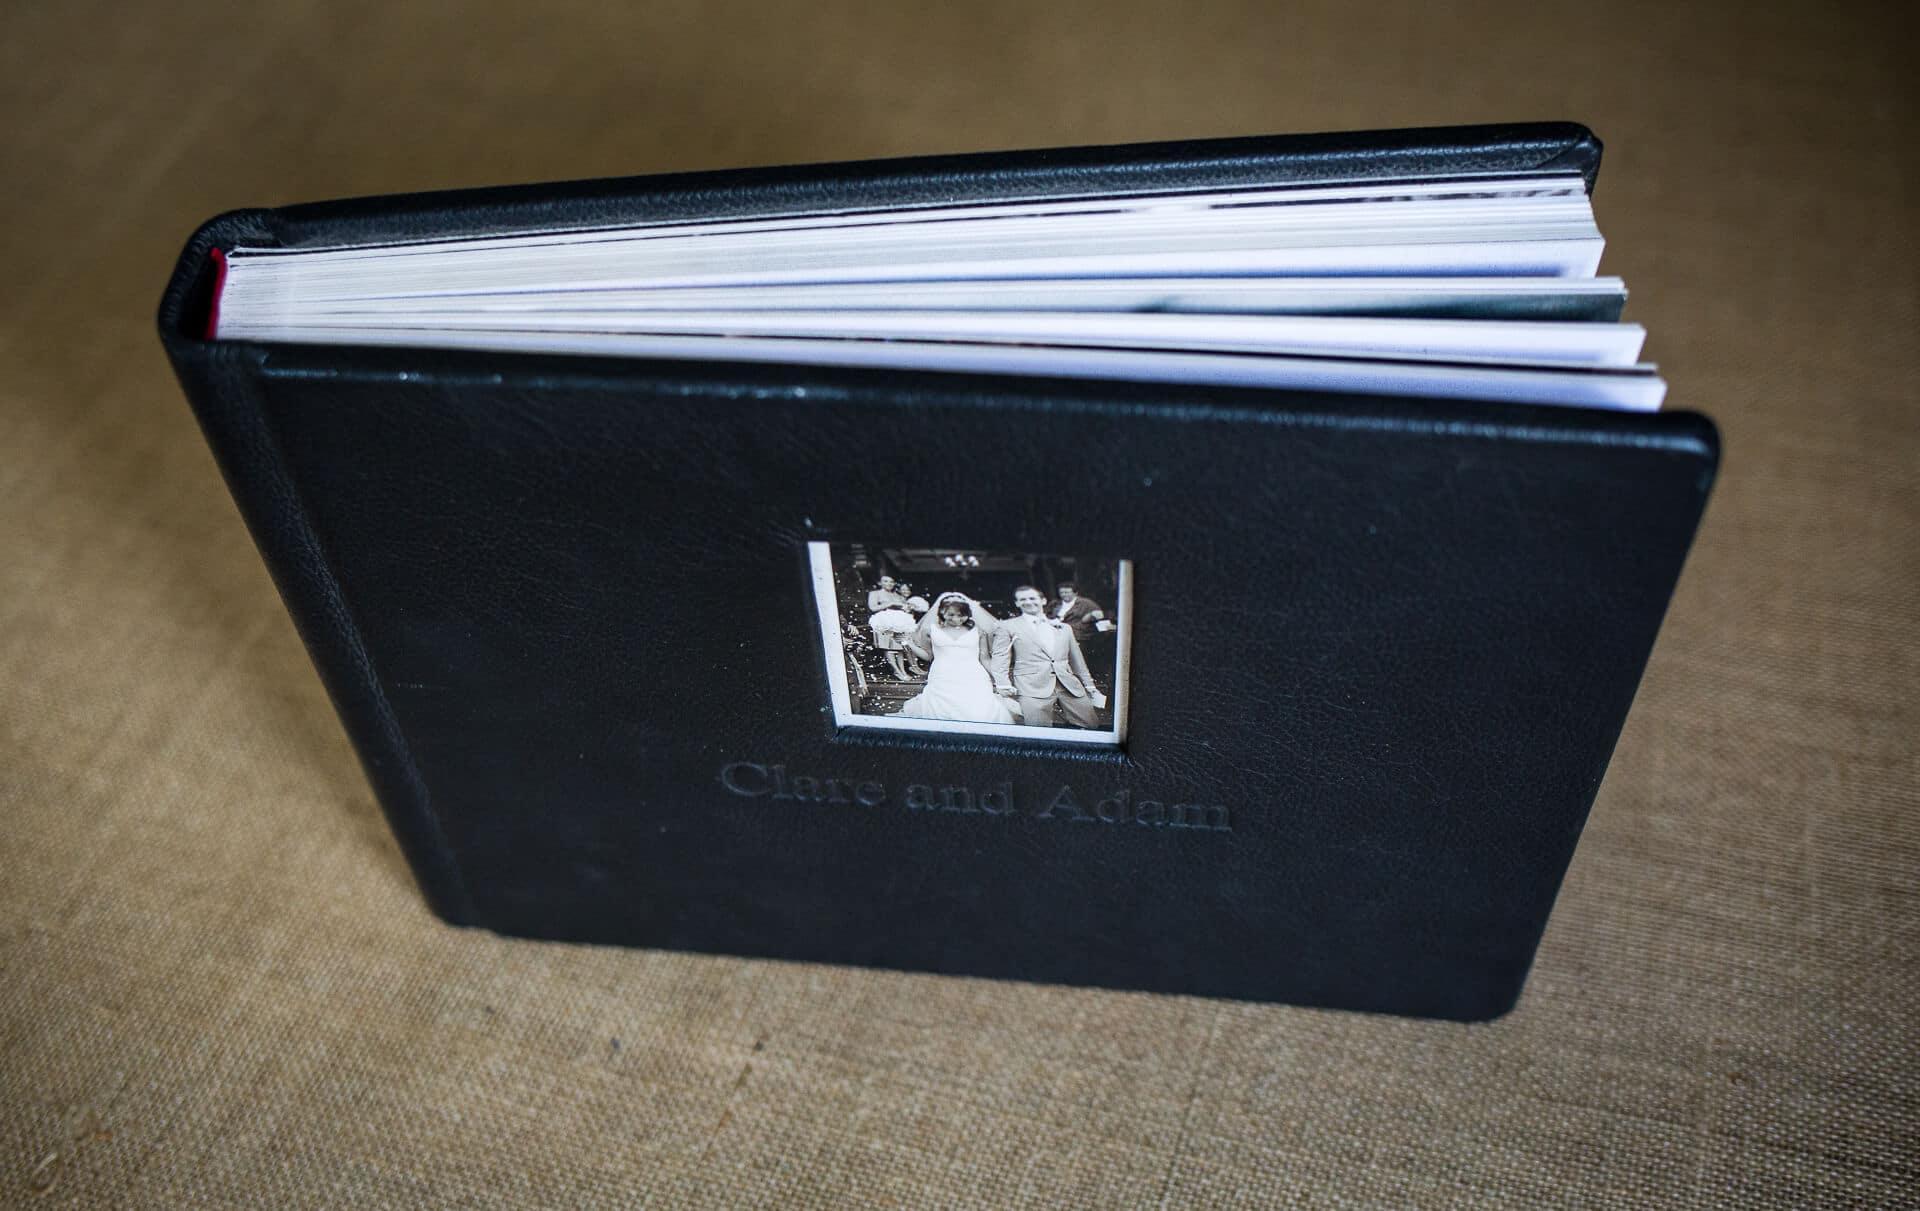 Black wedding album